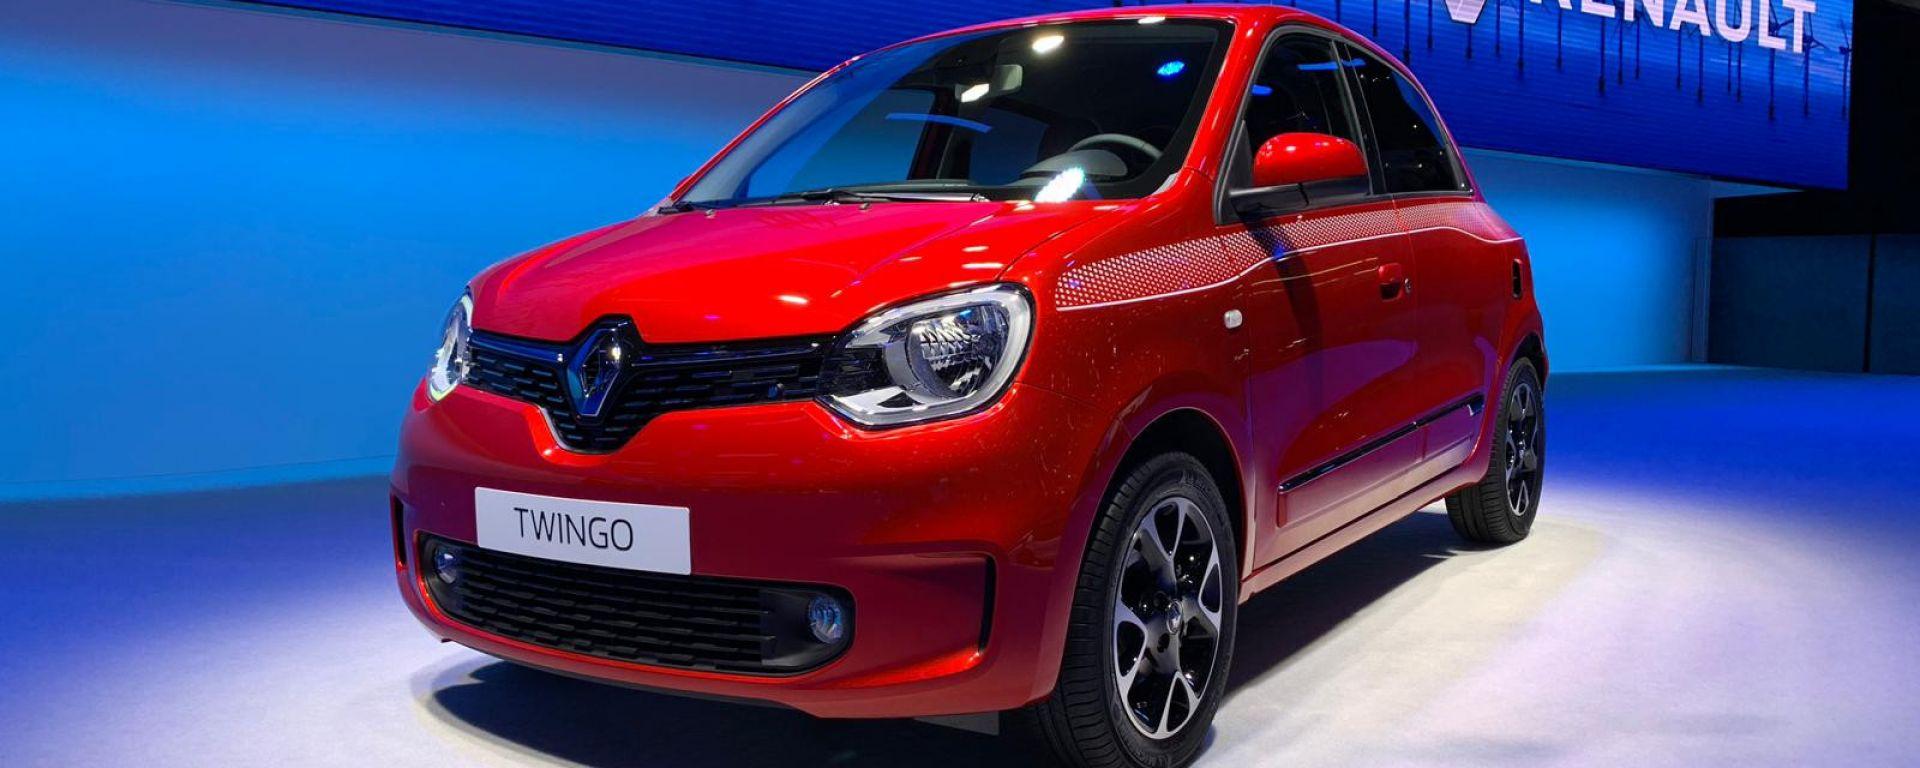 Nuova Renault Twingo 2019: praticità all'ennesima potenza